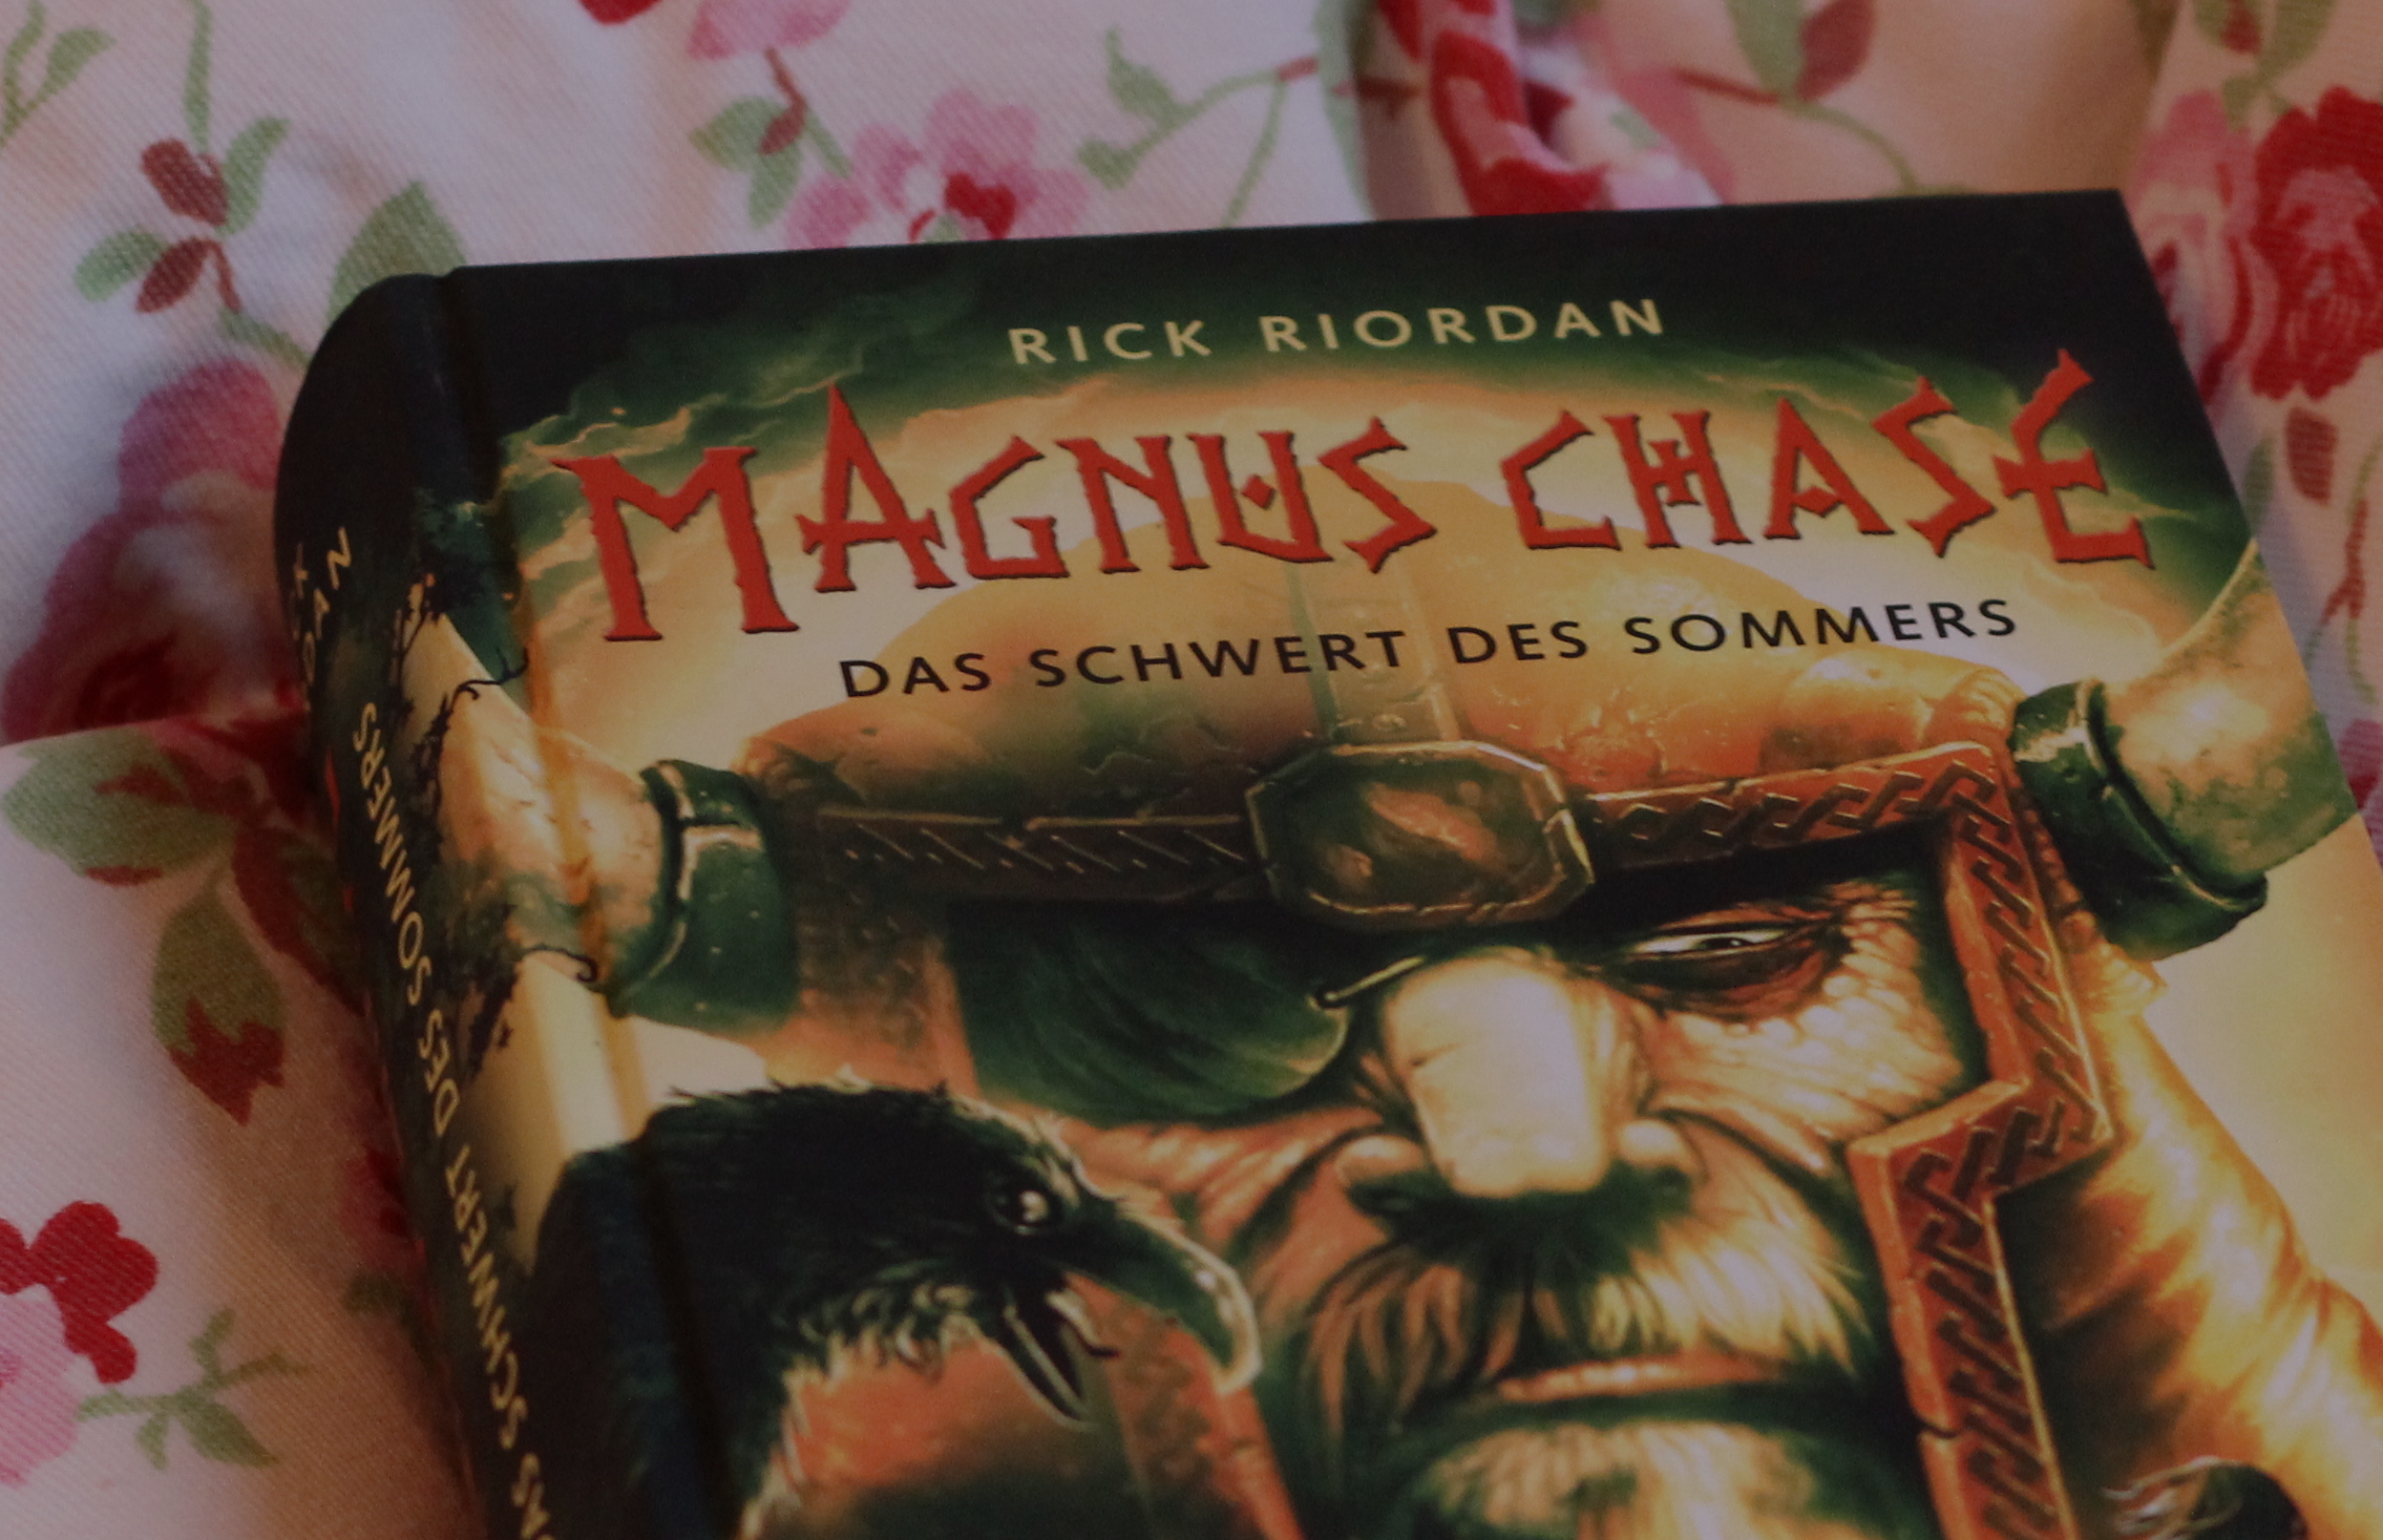 Magnus Chase – Das Schwert des Sommers – Rick Riordan